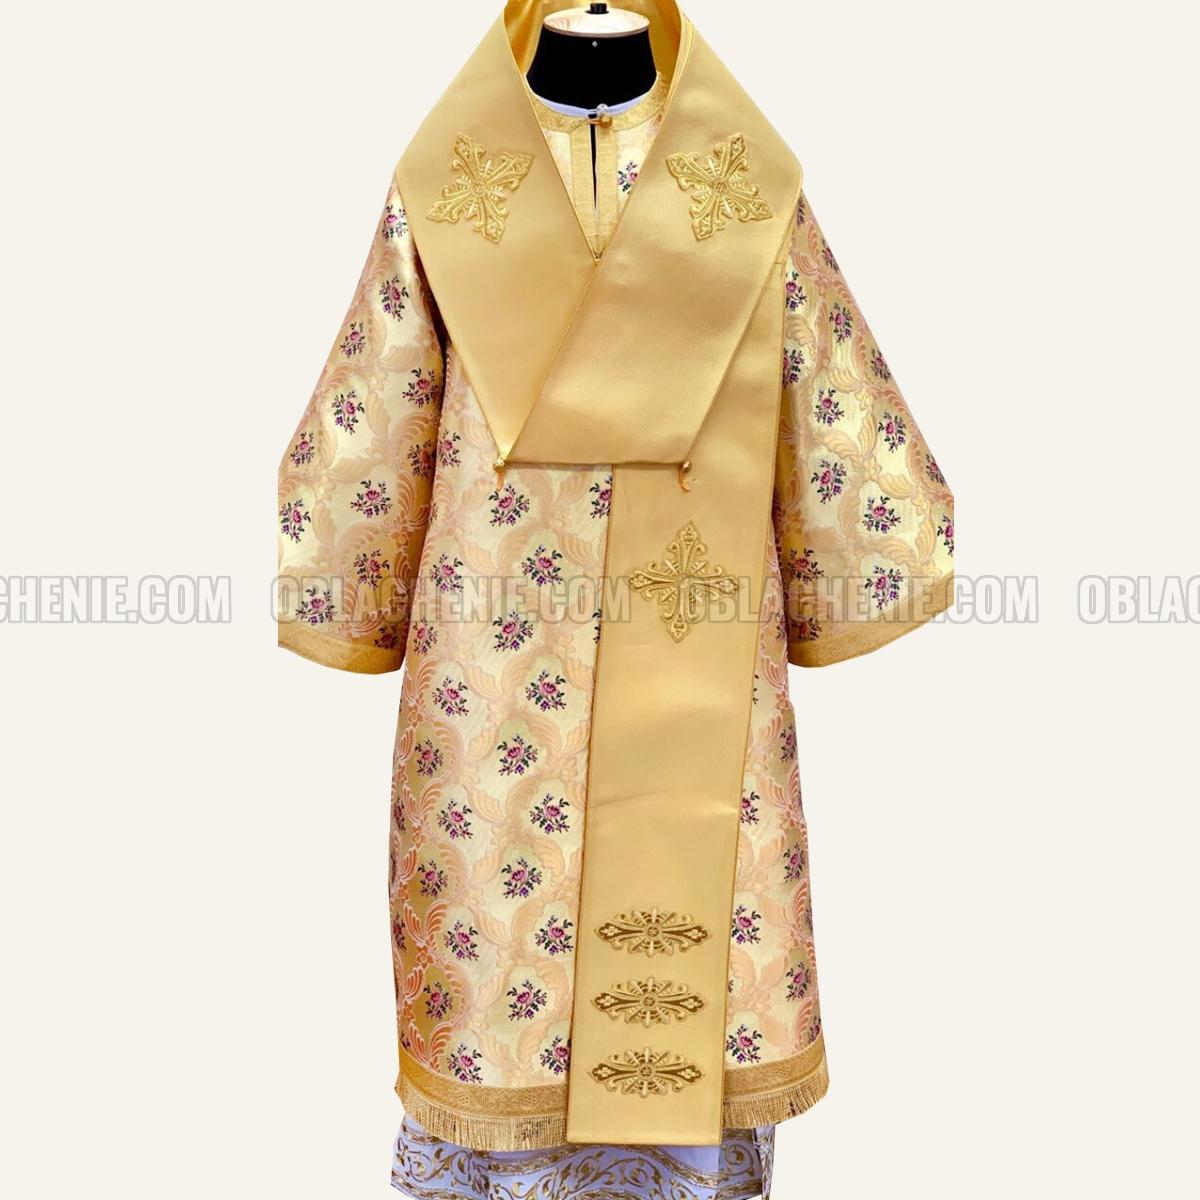 Bishop's vestments 10277